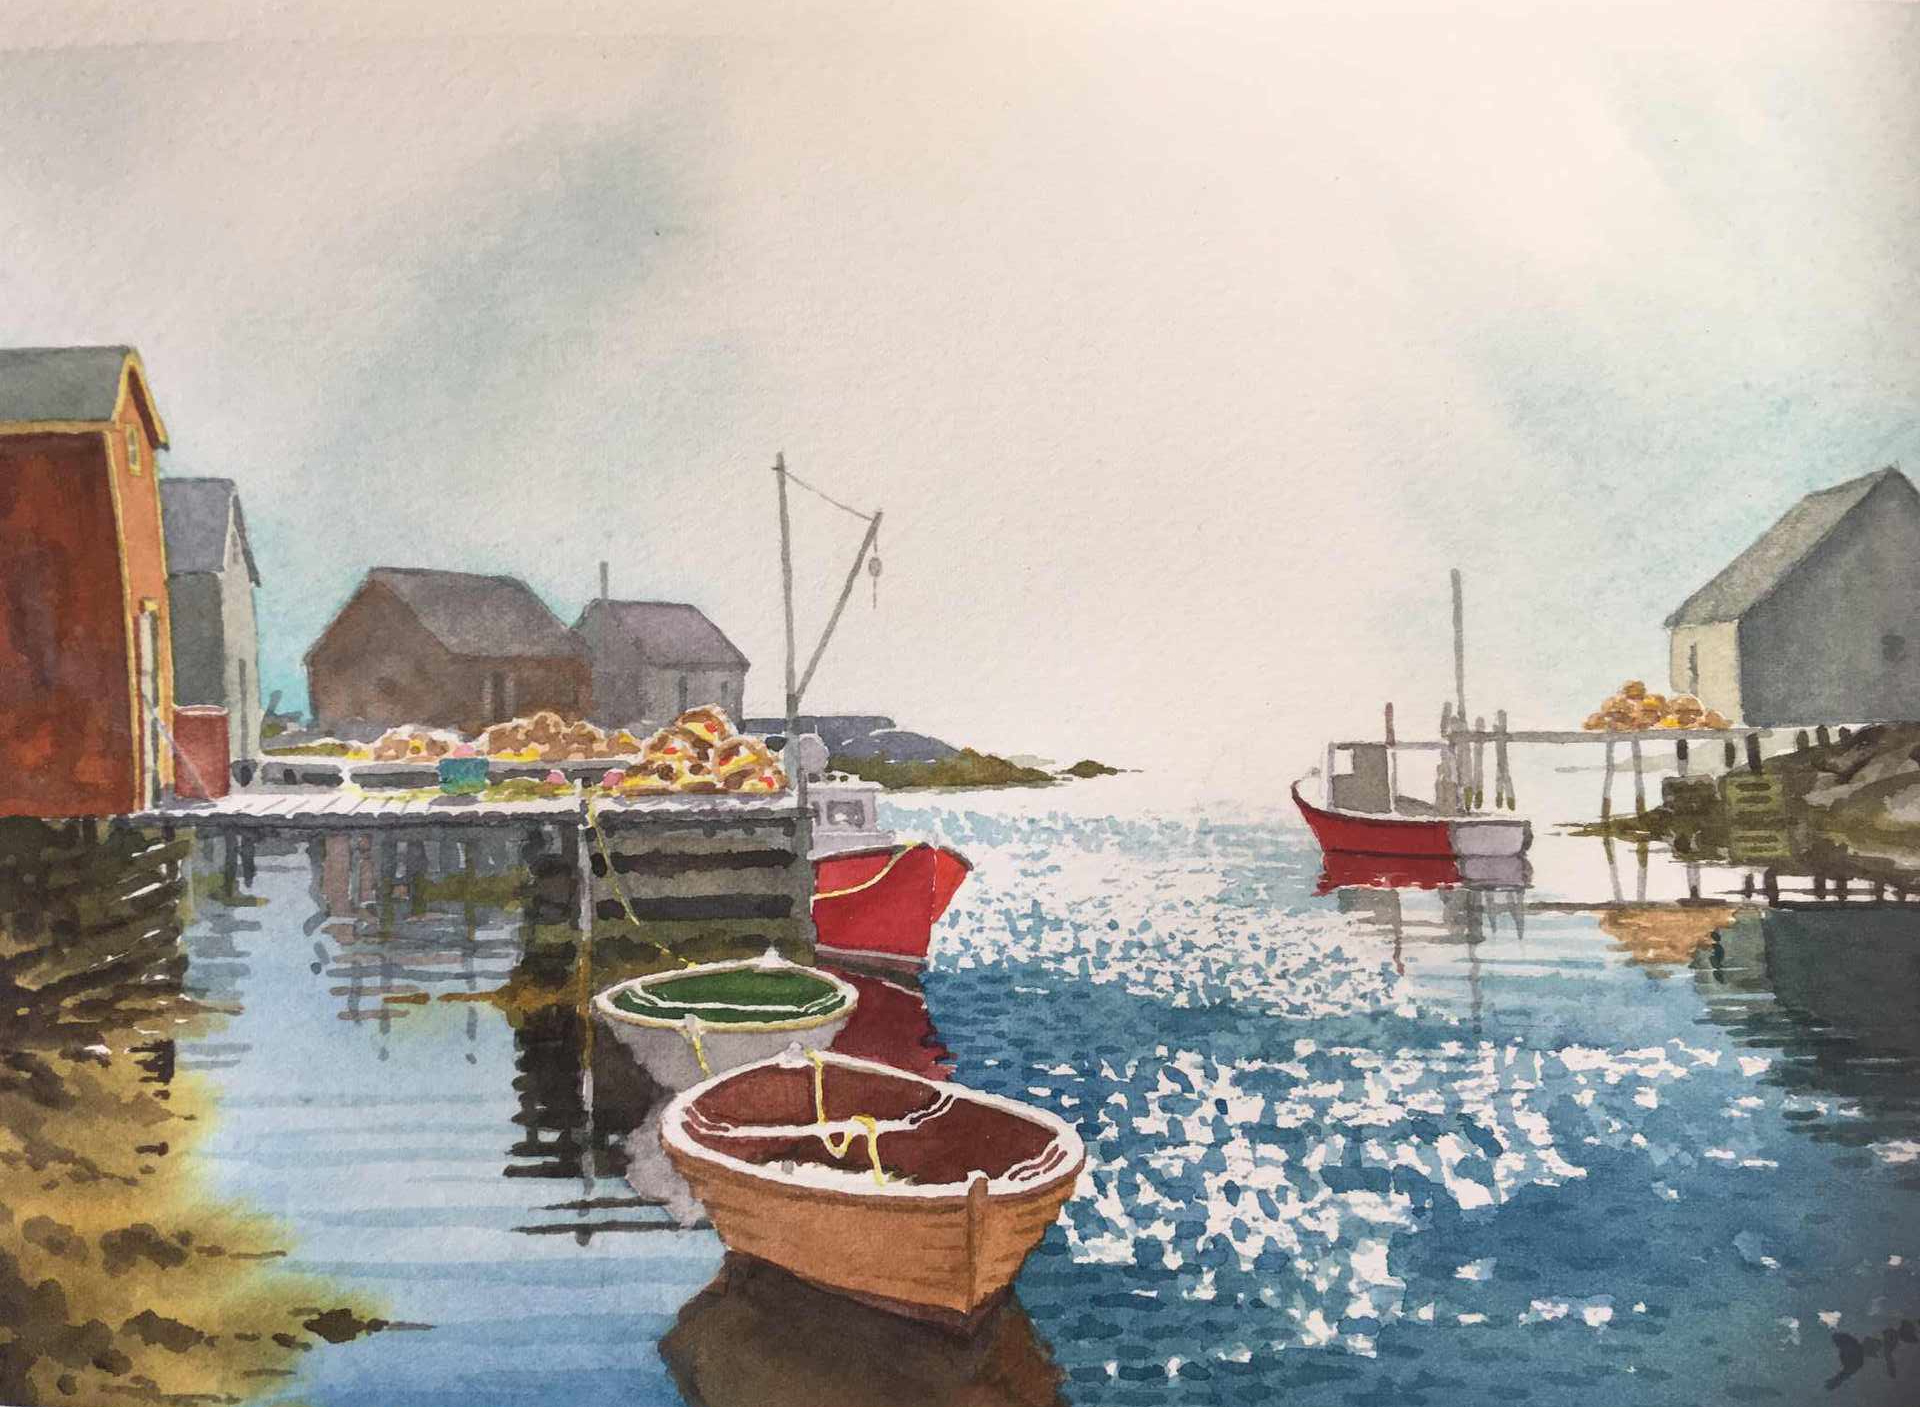 Albert's Wharf Gallery